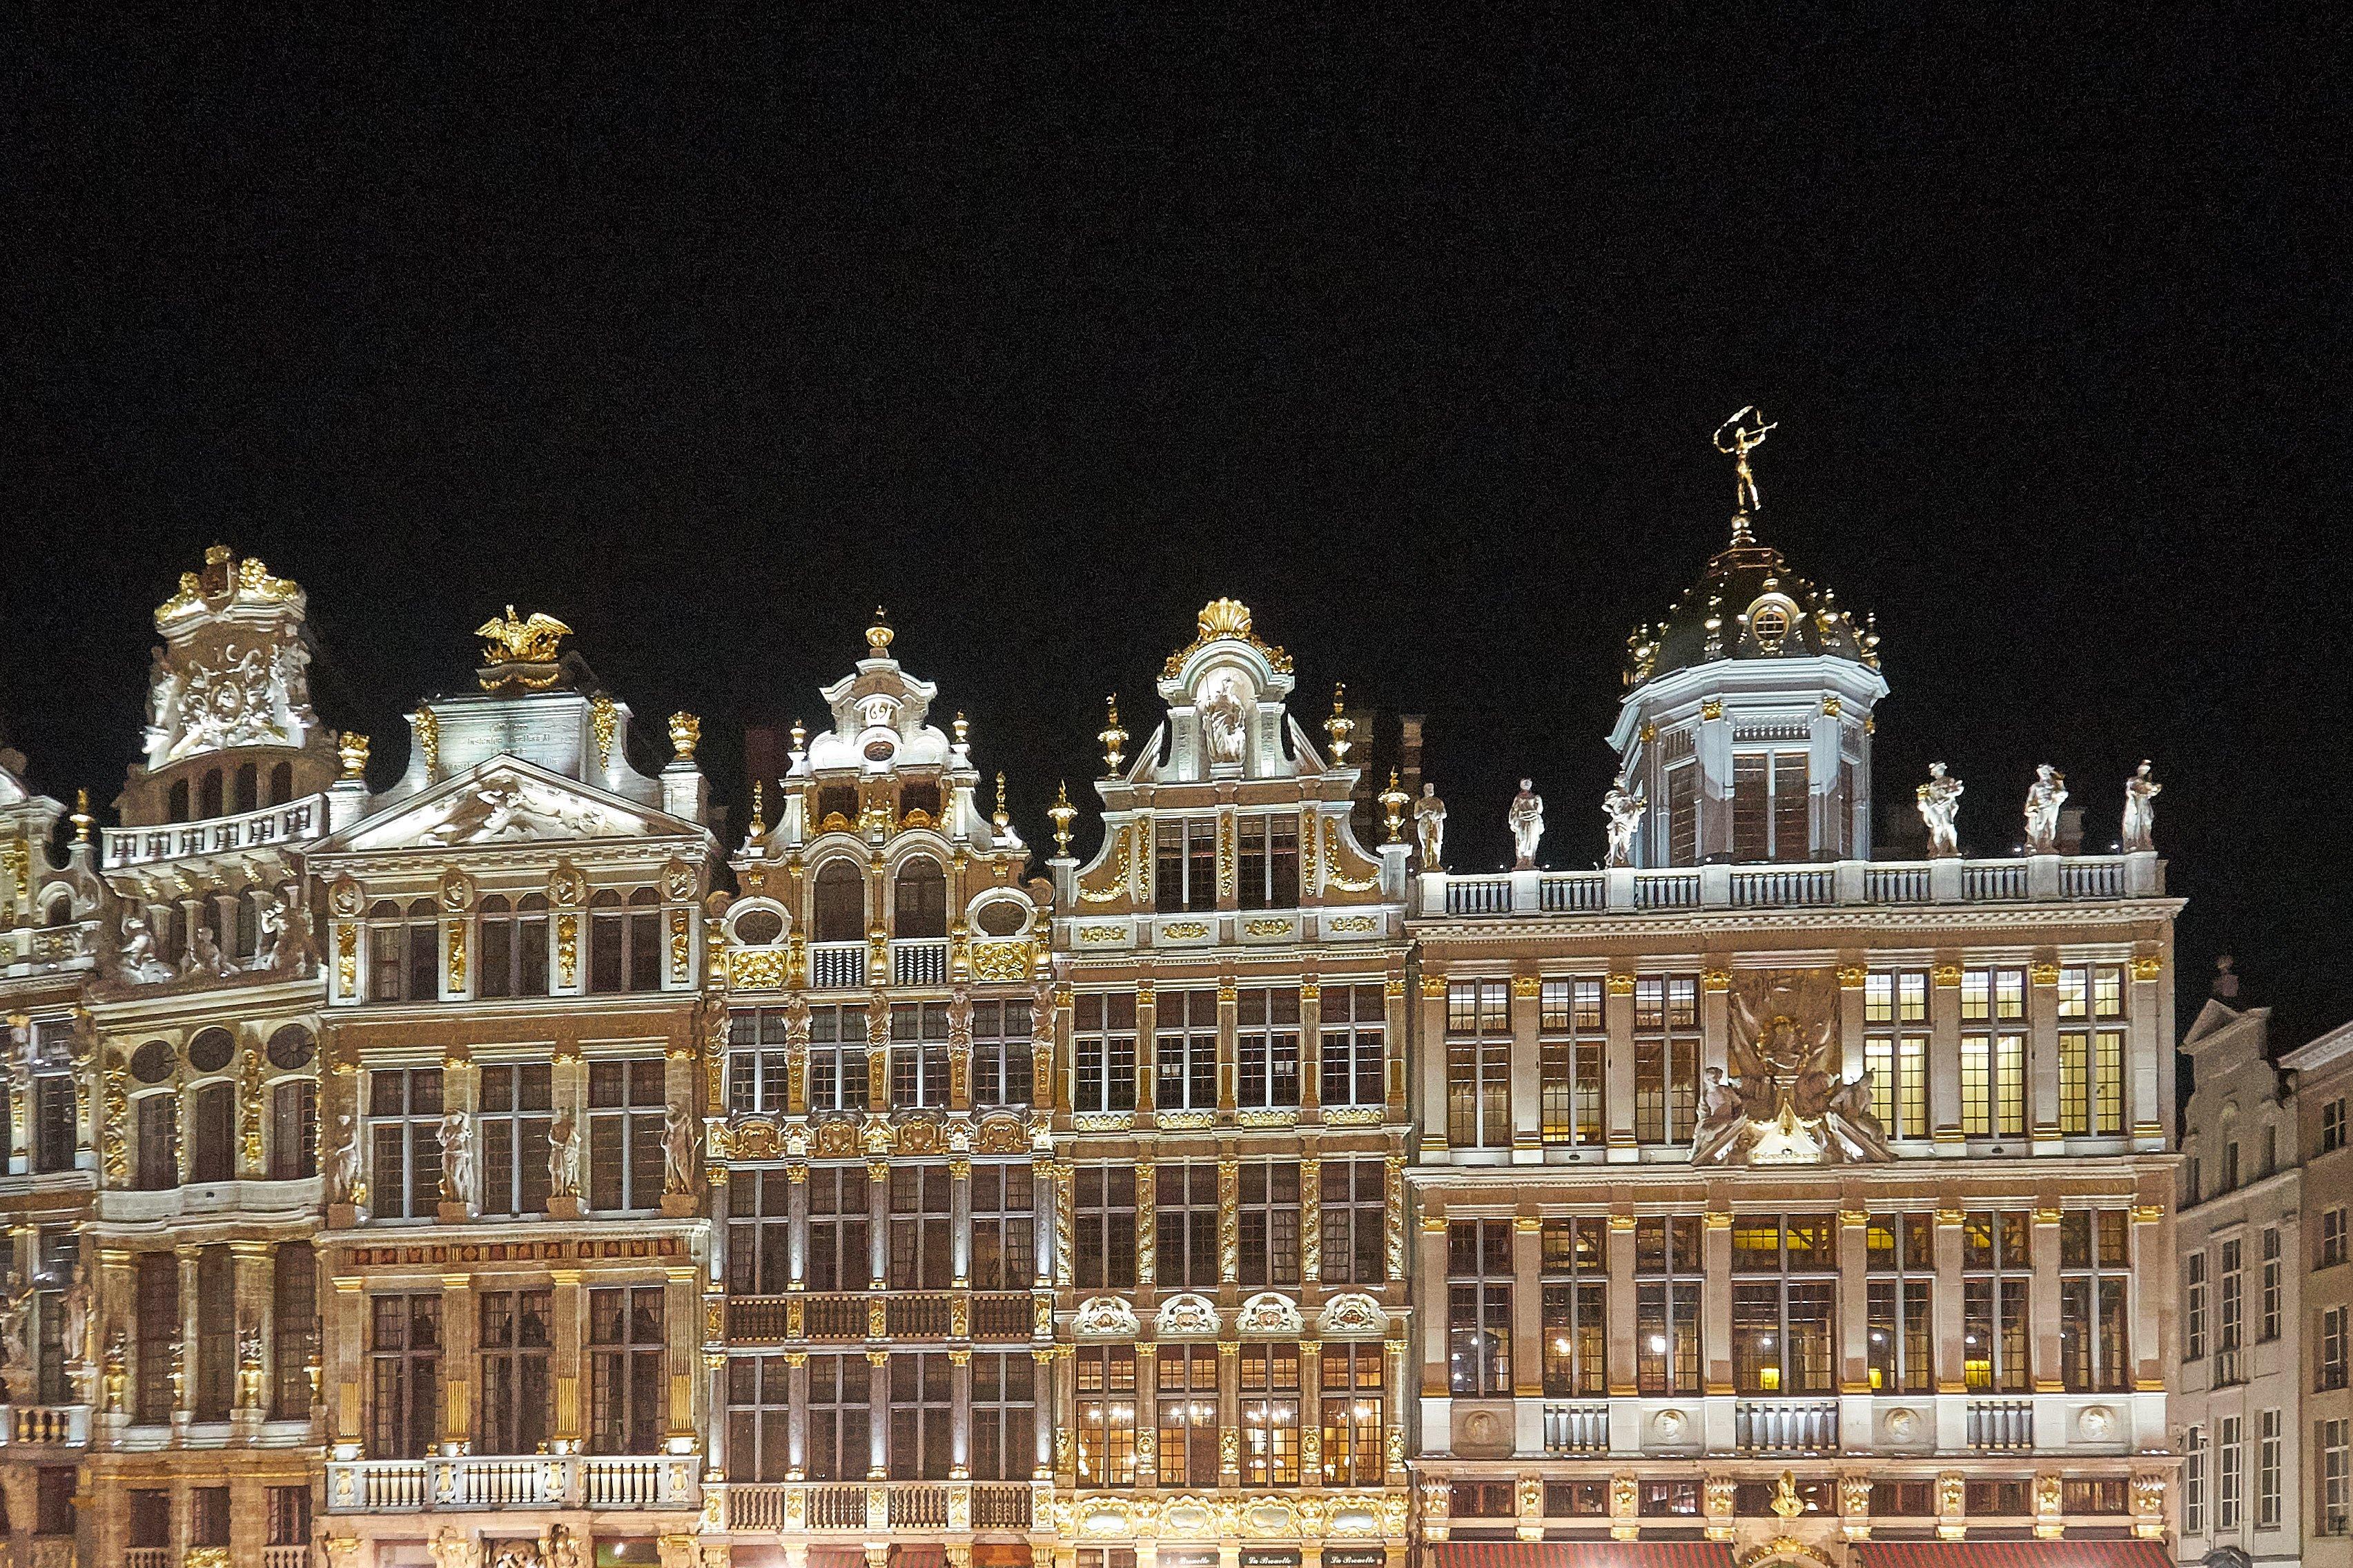 Grote Markt Brüssel bei Nacht